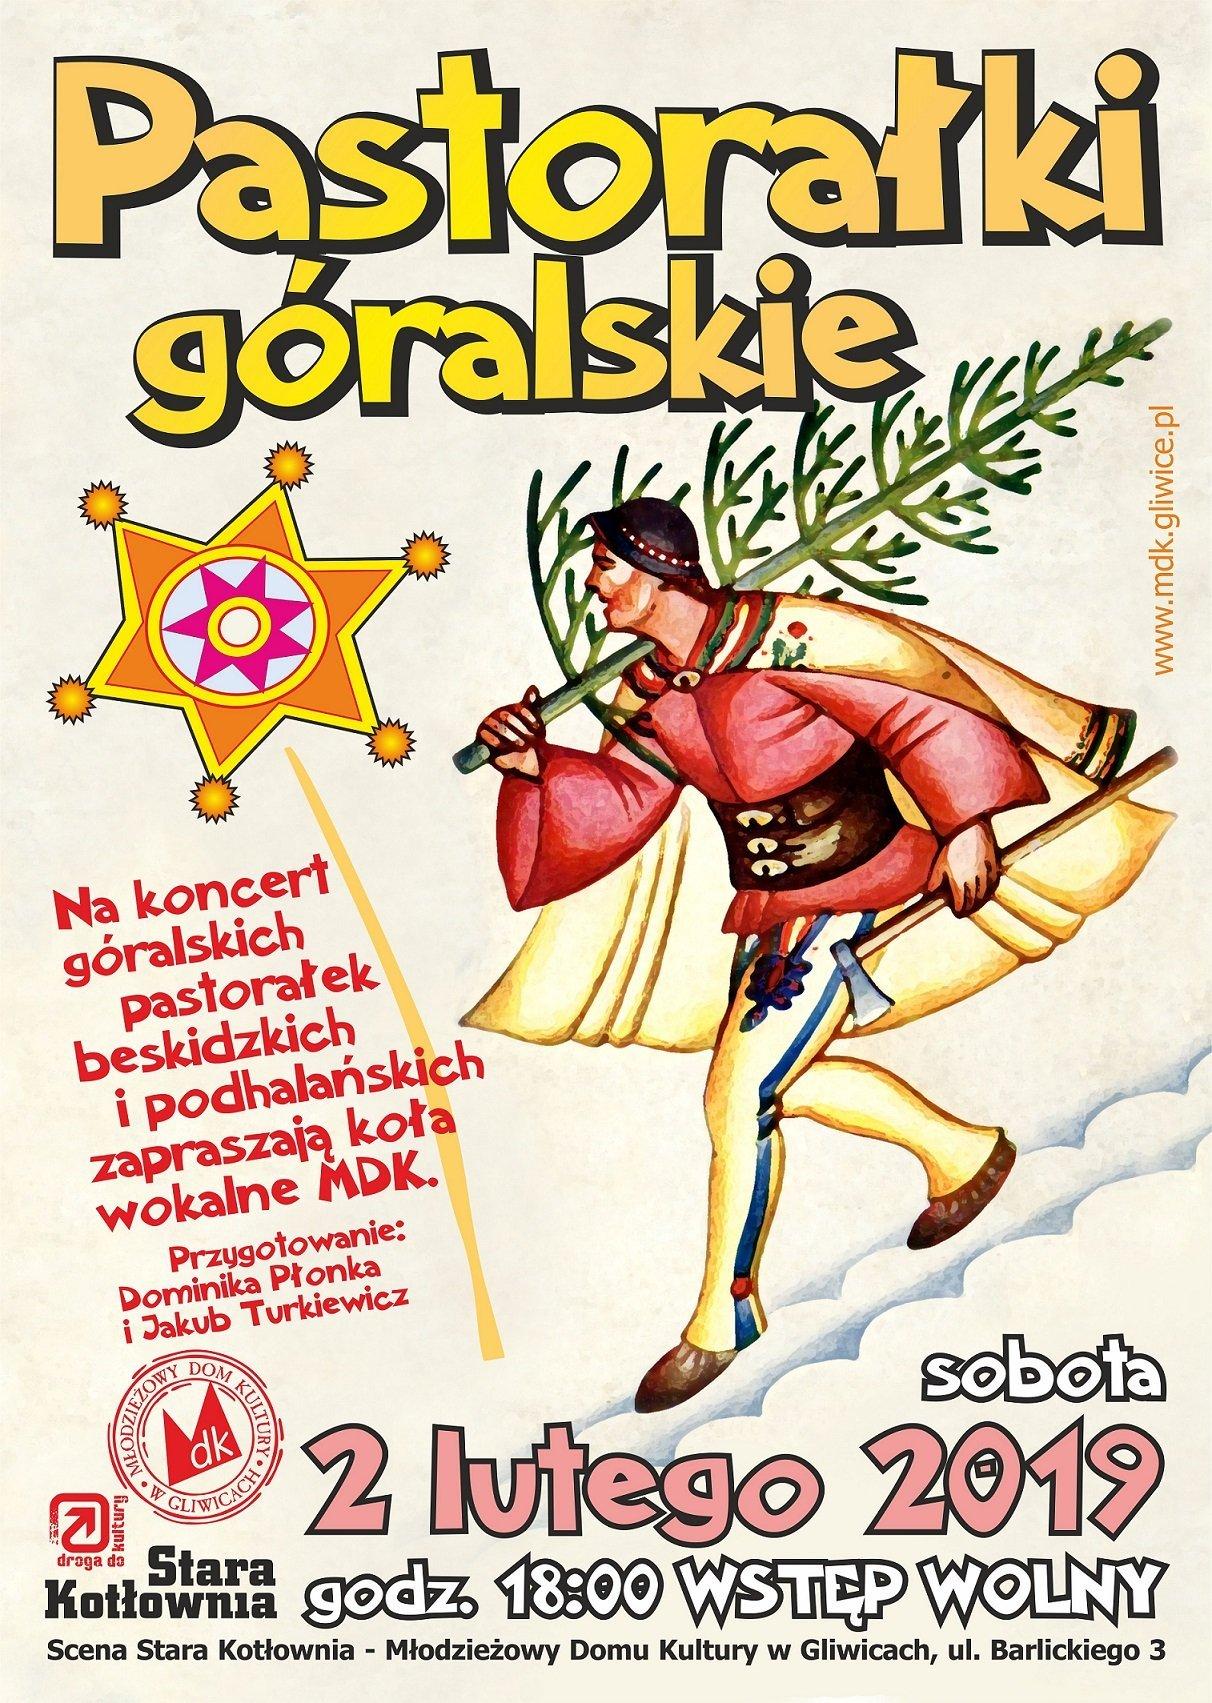 Pastorałki góralskie - koncert w Gliwicach